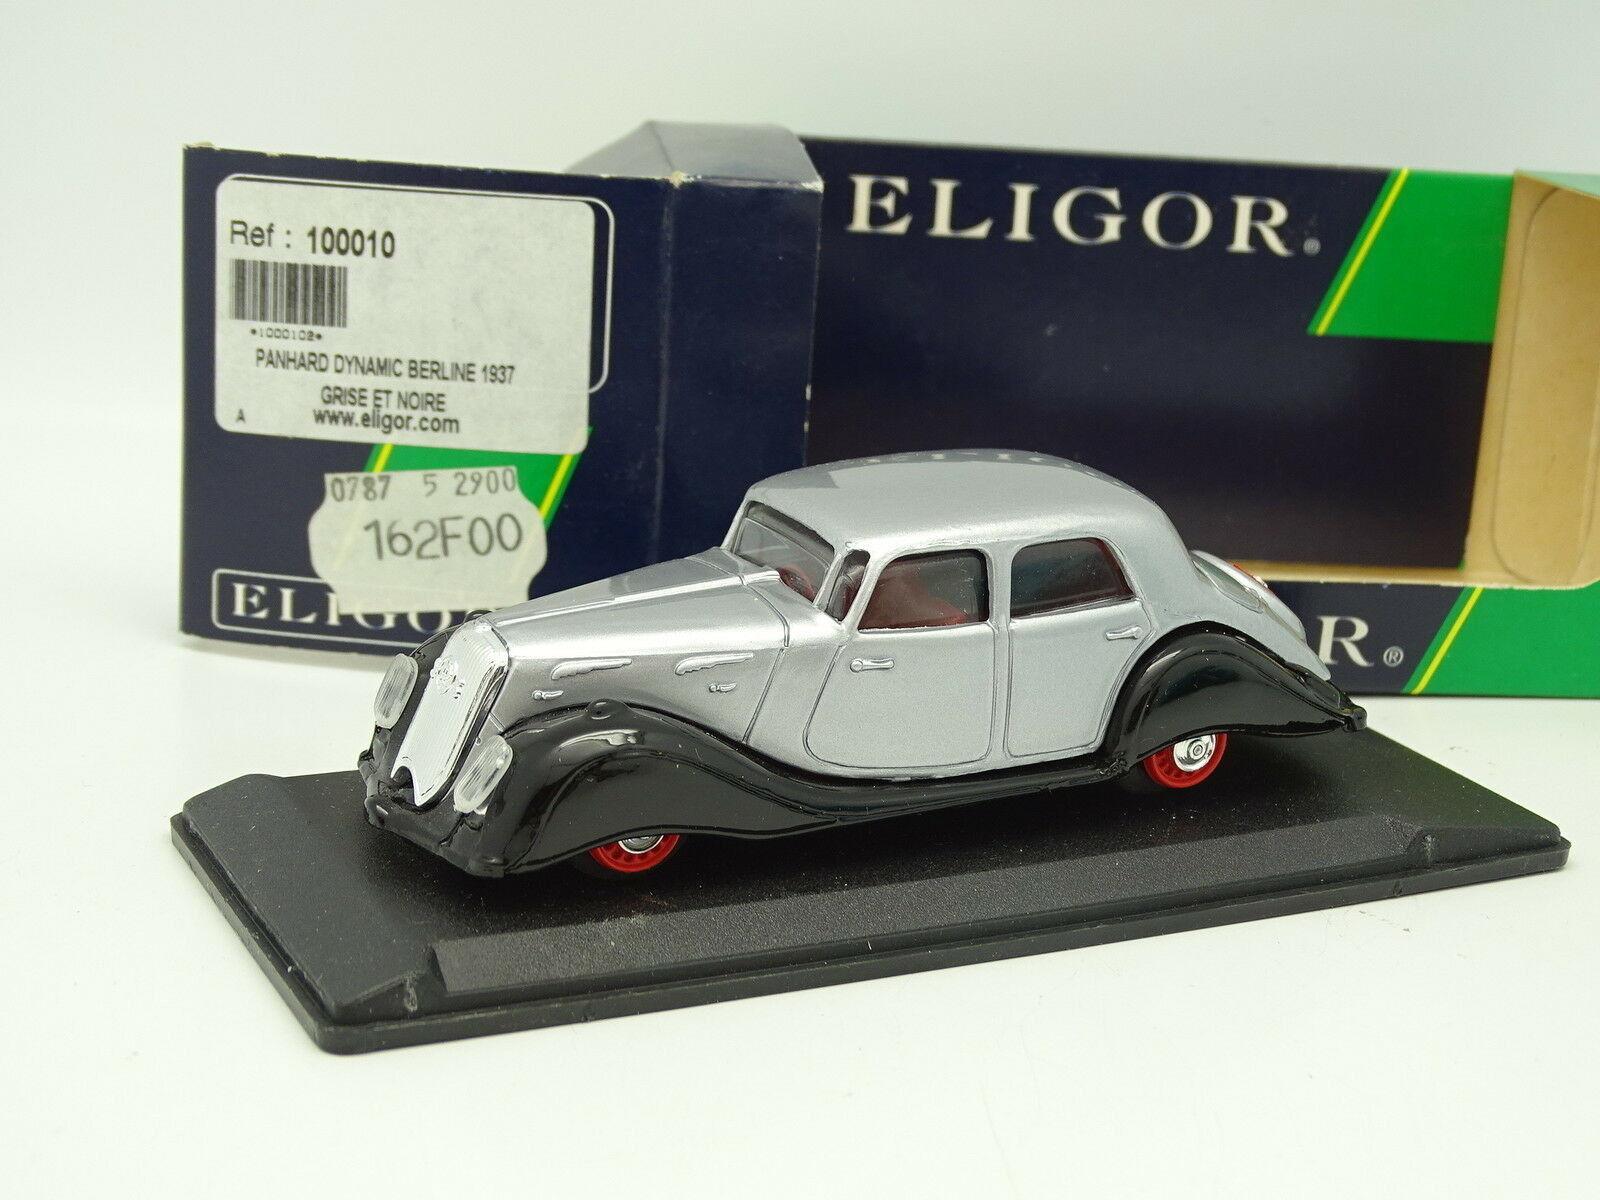 Eligor 1 43 - Panhard Dynamic Sedan 1937